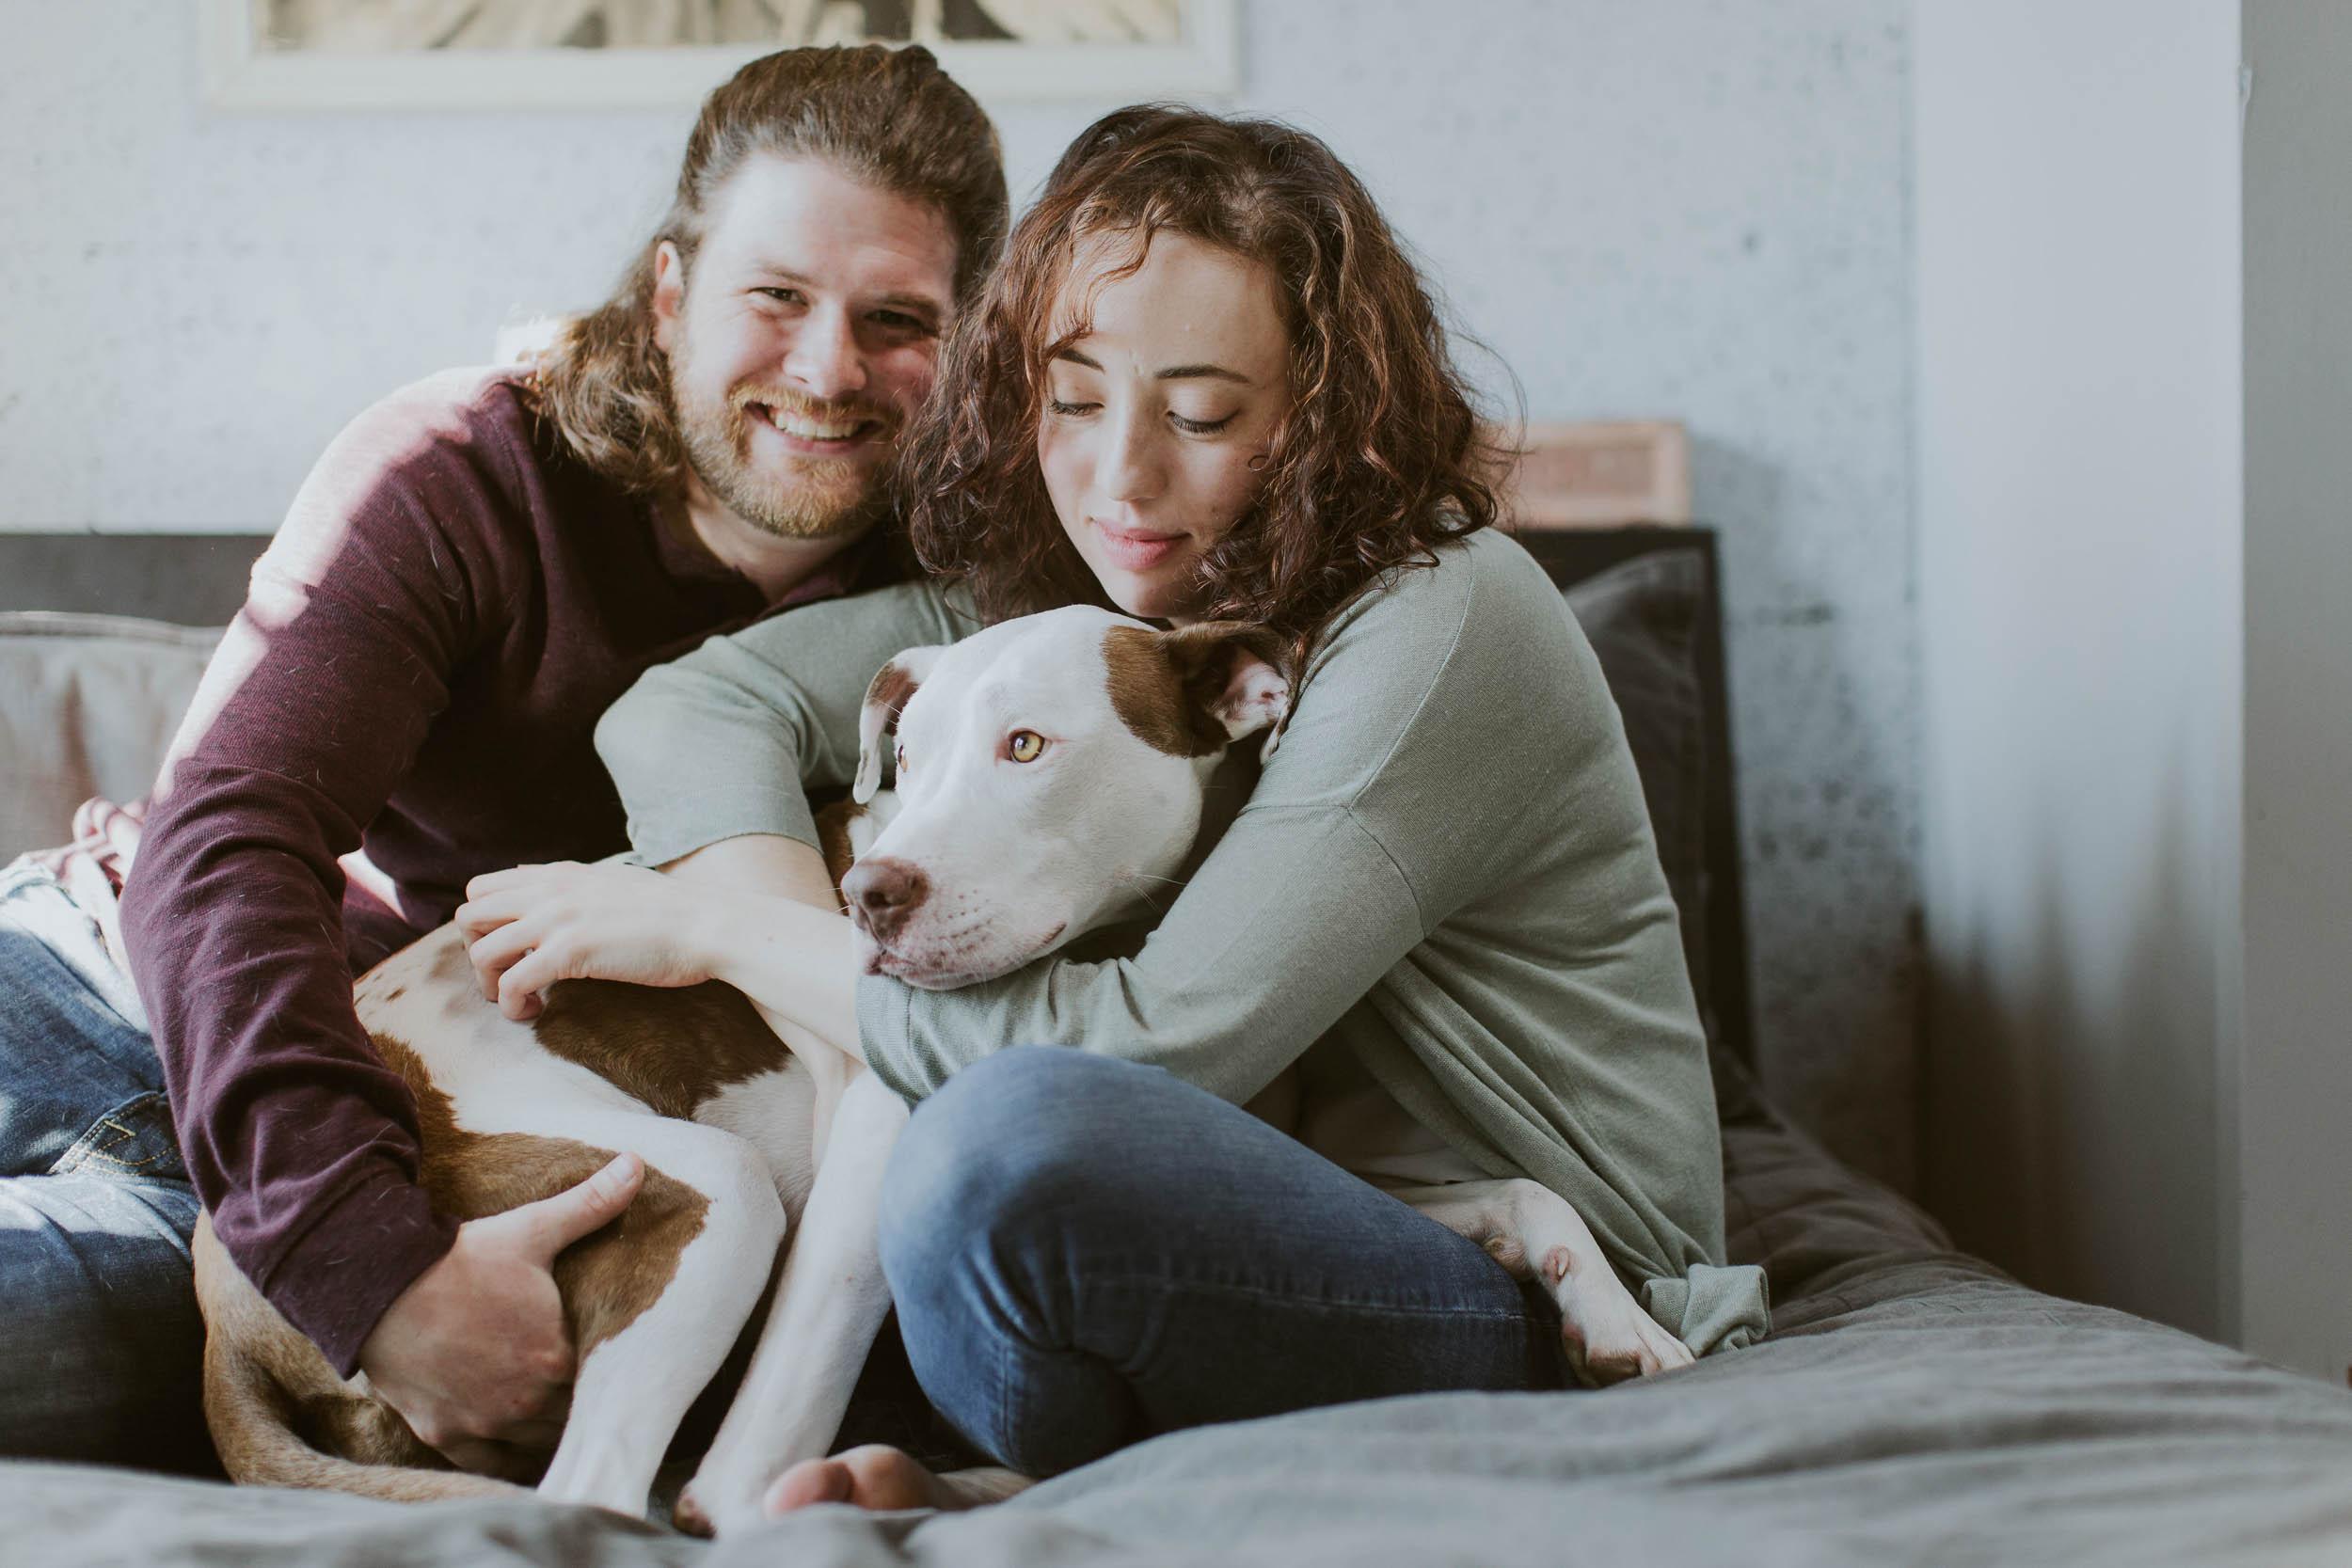 Kristen-Humbert-Family-Photoshoot-Philadelphia_Ruby-James-W-2-11.jpg